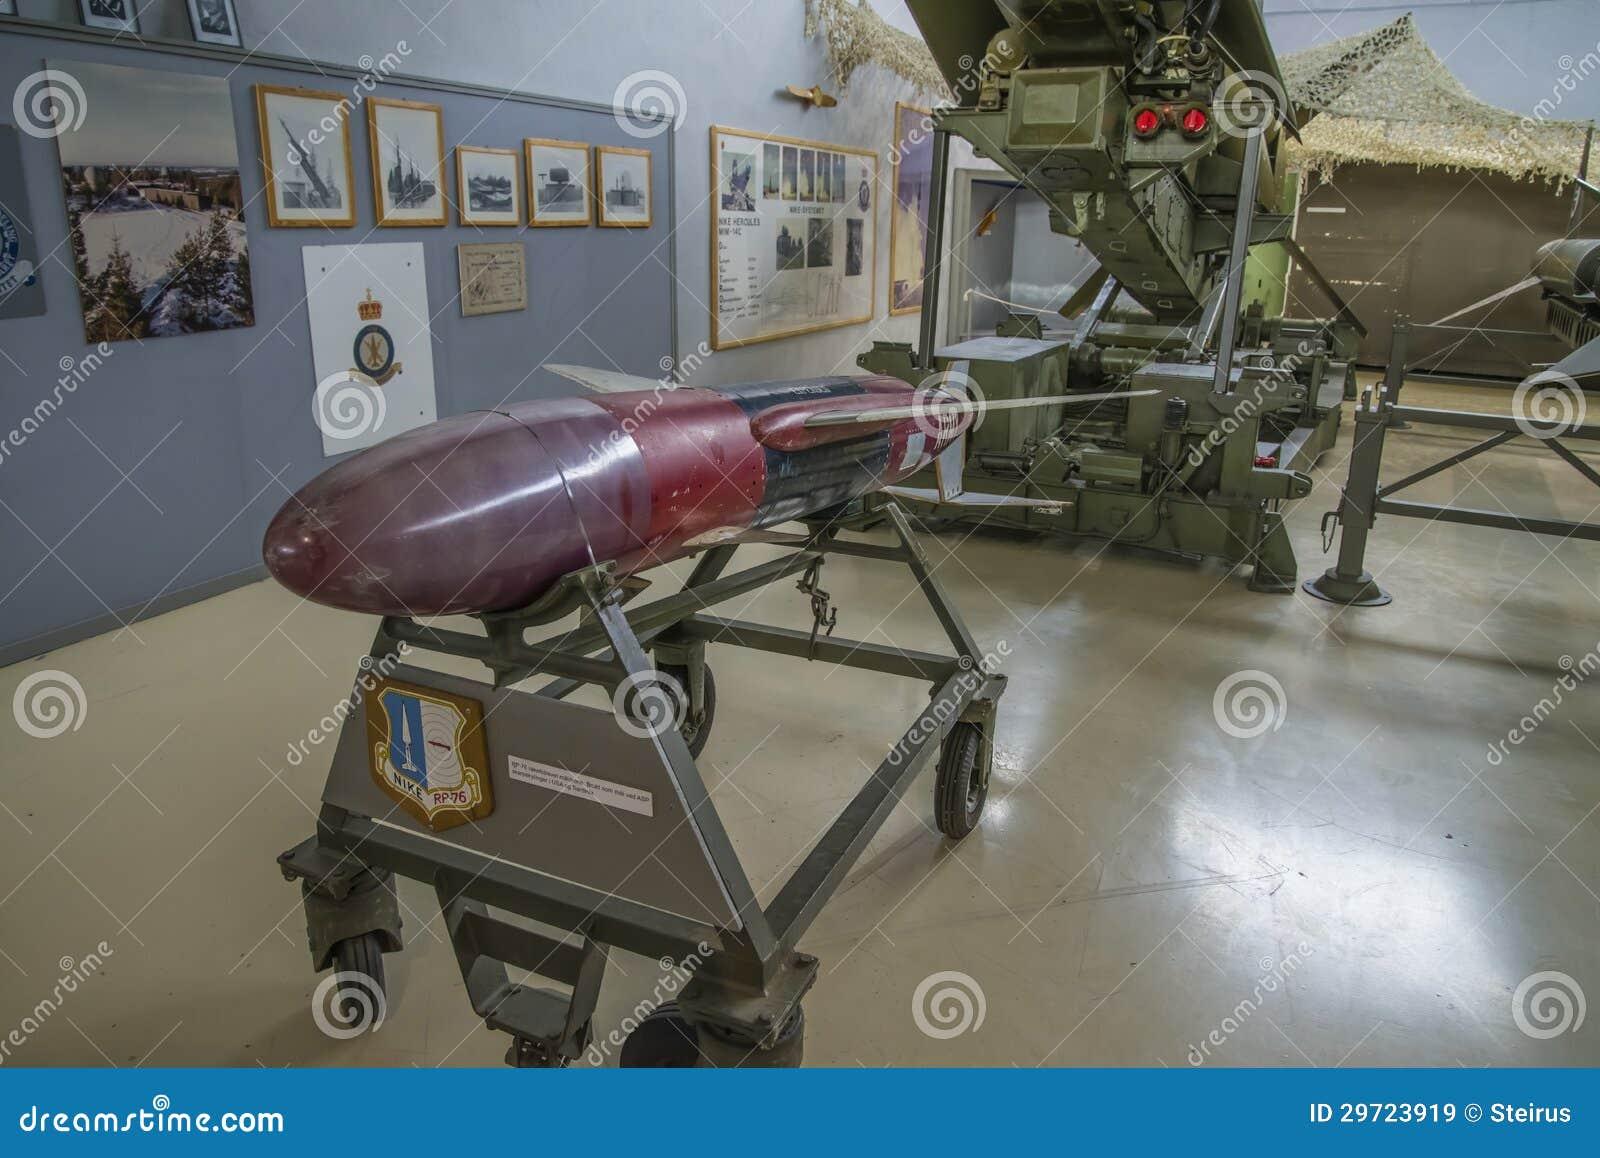 Raketengetriebenes Zieldrohne Nikes rp-76